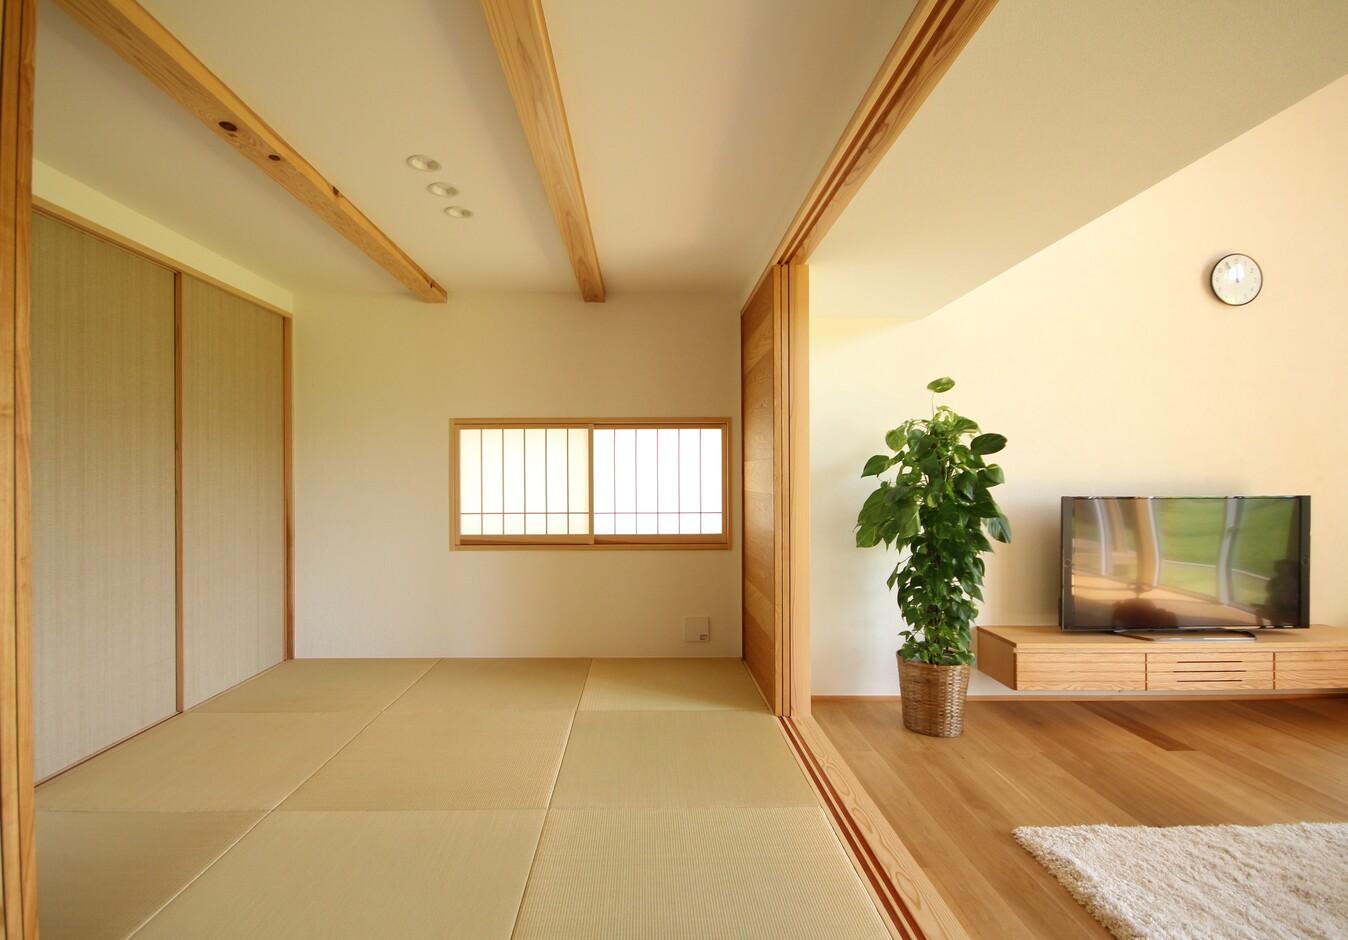 KESHIKI YAMANASHI【収納力、間取り、ガレージ】生活空間は1階に集約。リビングの隣には、天井の高さをおさえた落ち着きのある和室が